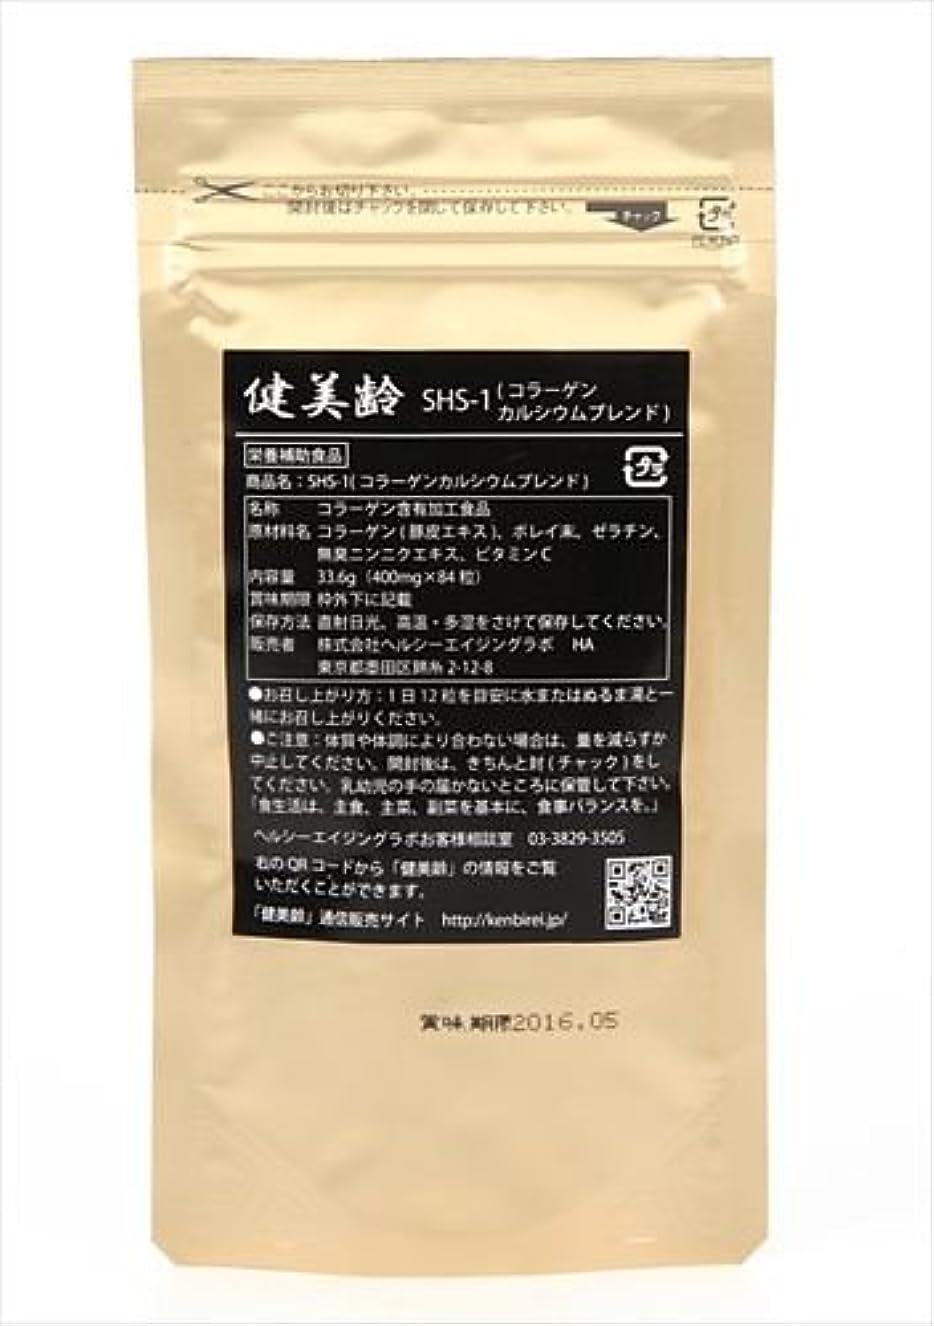 トレイル評価する死健美齢SHS-1コラーゲンカルシウムブレンド